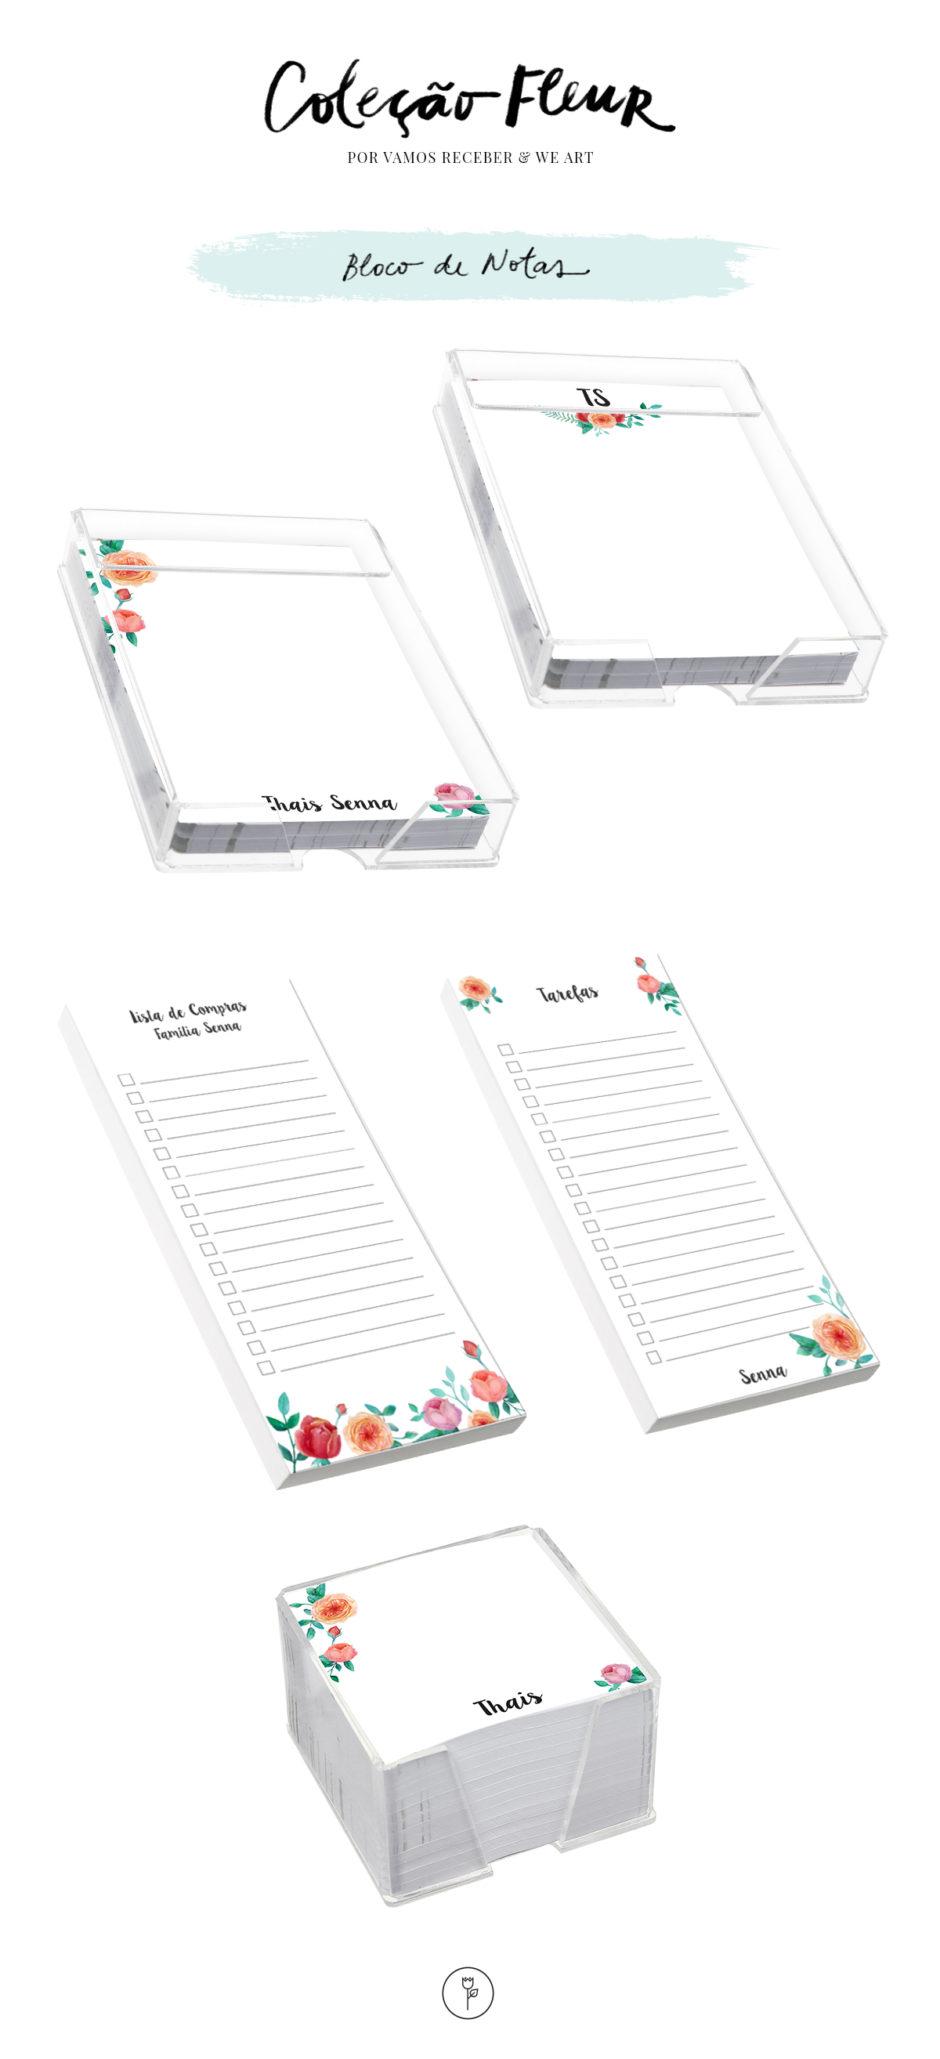 bloco de notas papelaria personalizada vamos receber e we art